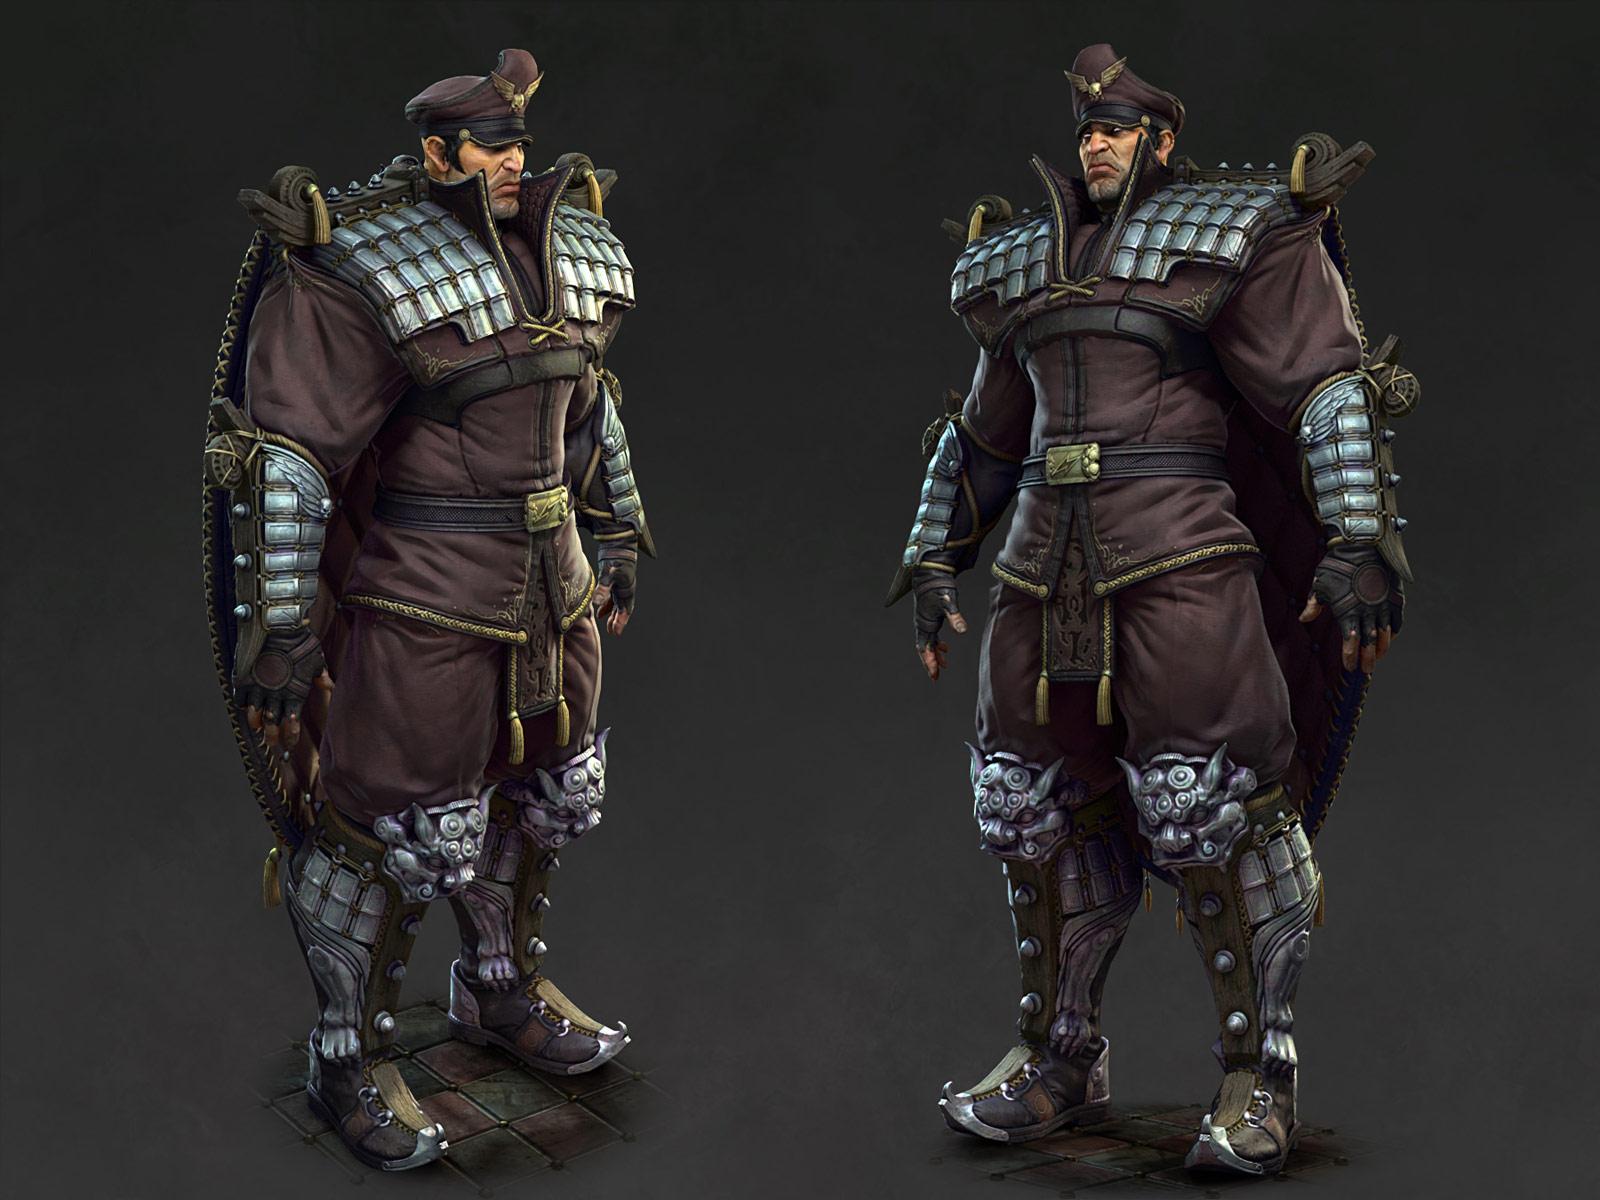 3D rendering of M. Bison #2